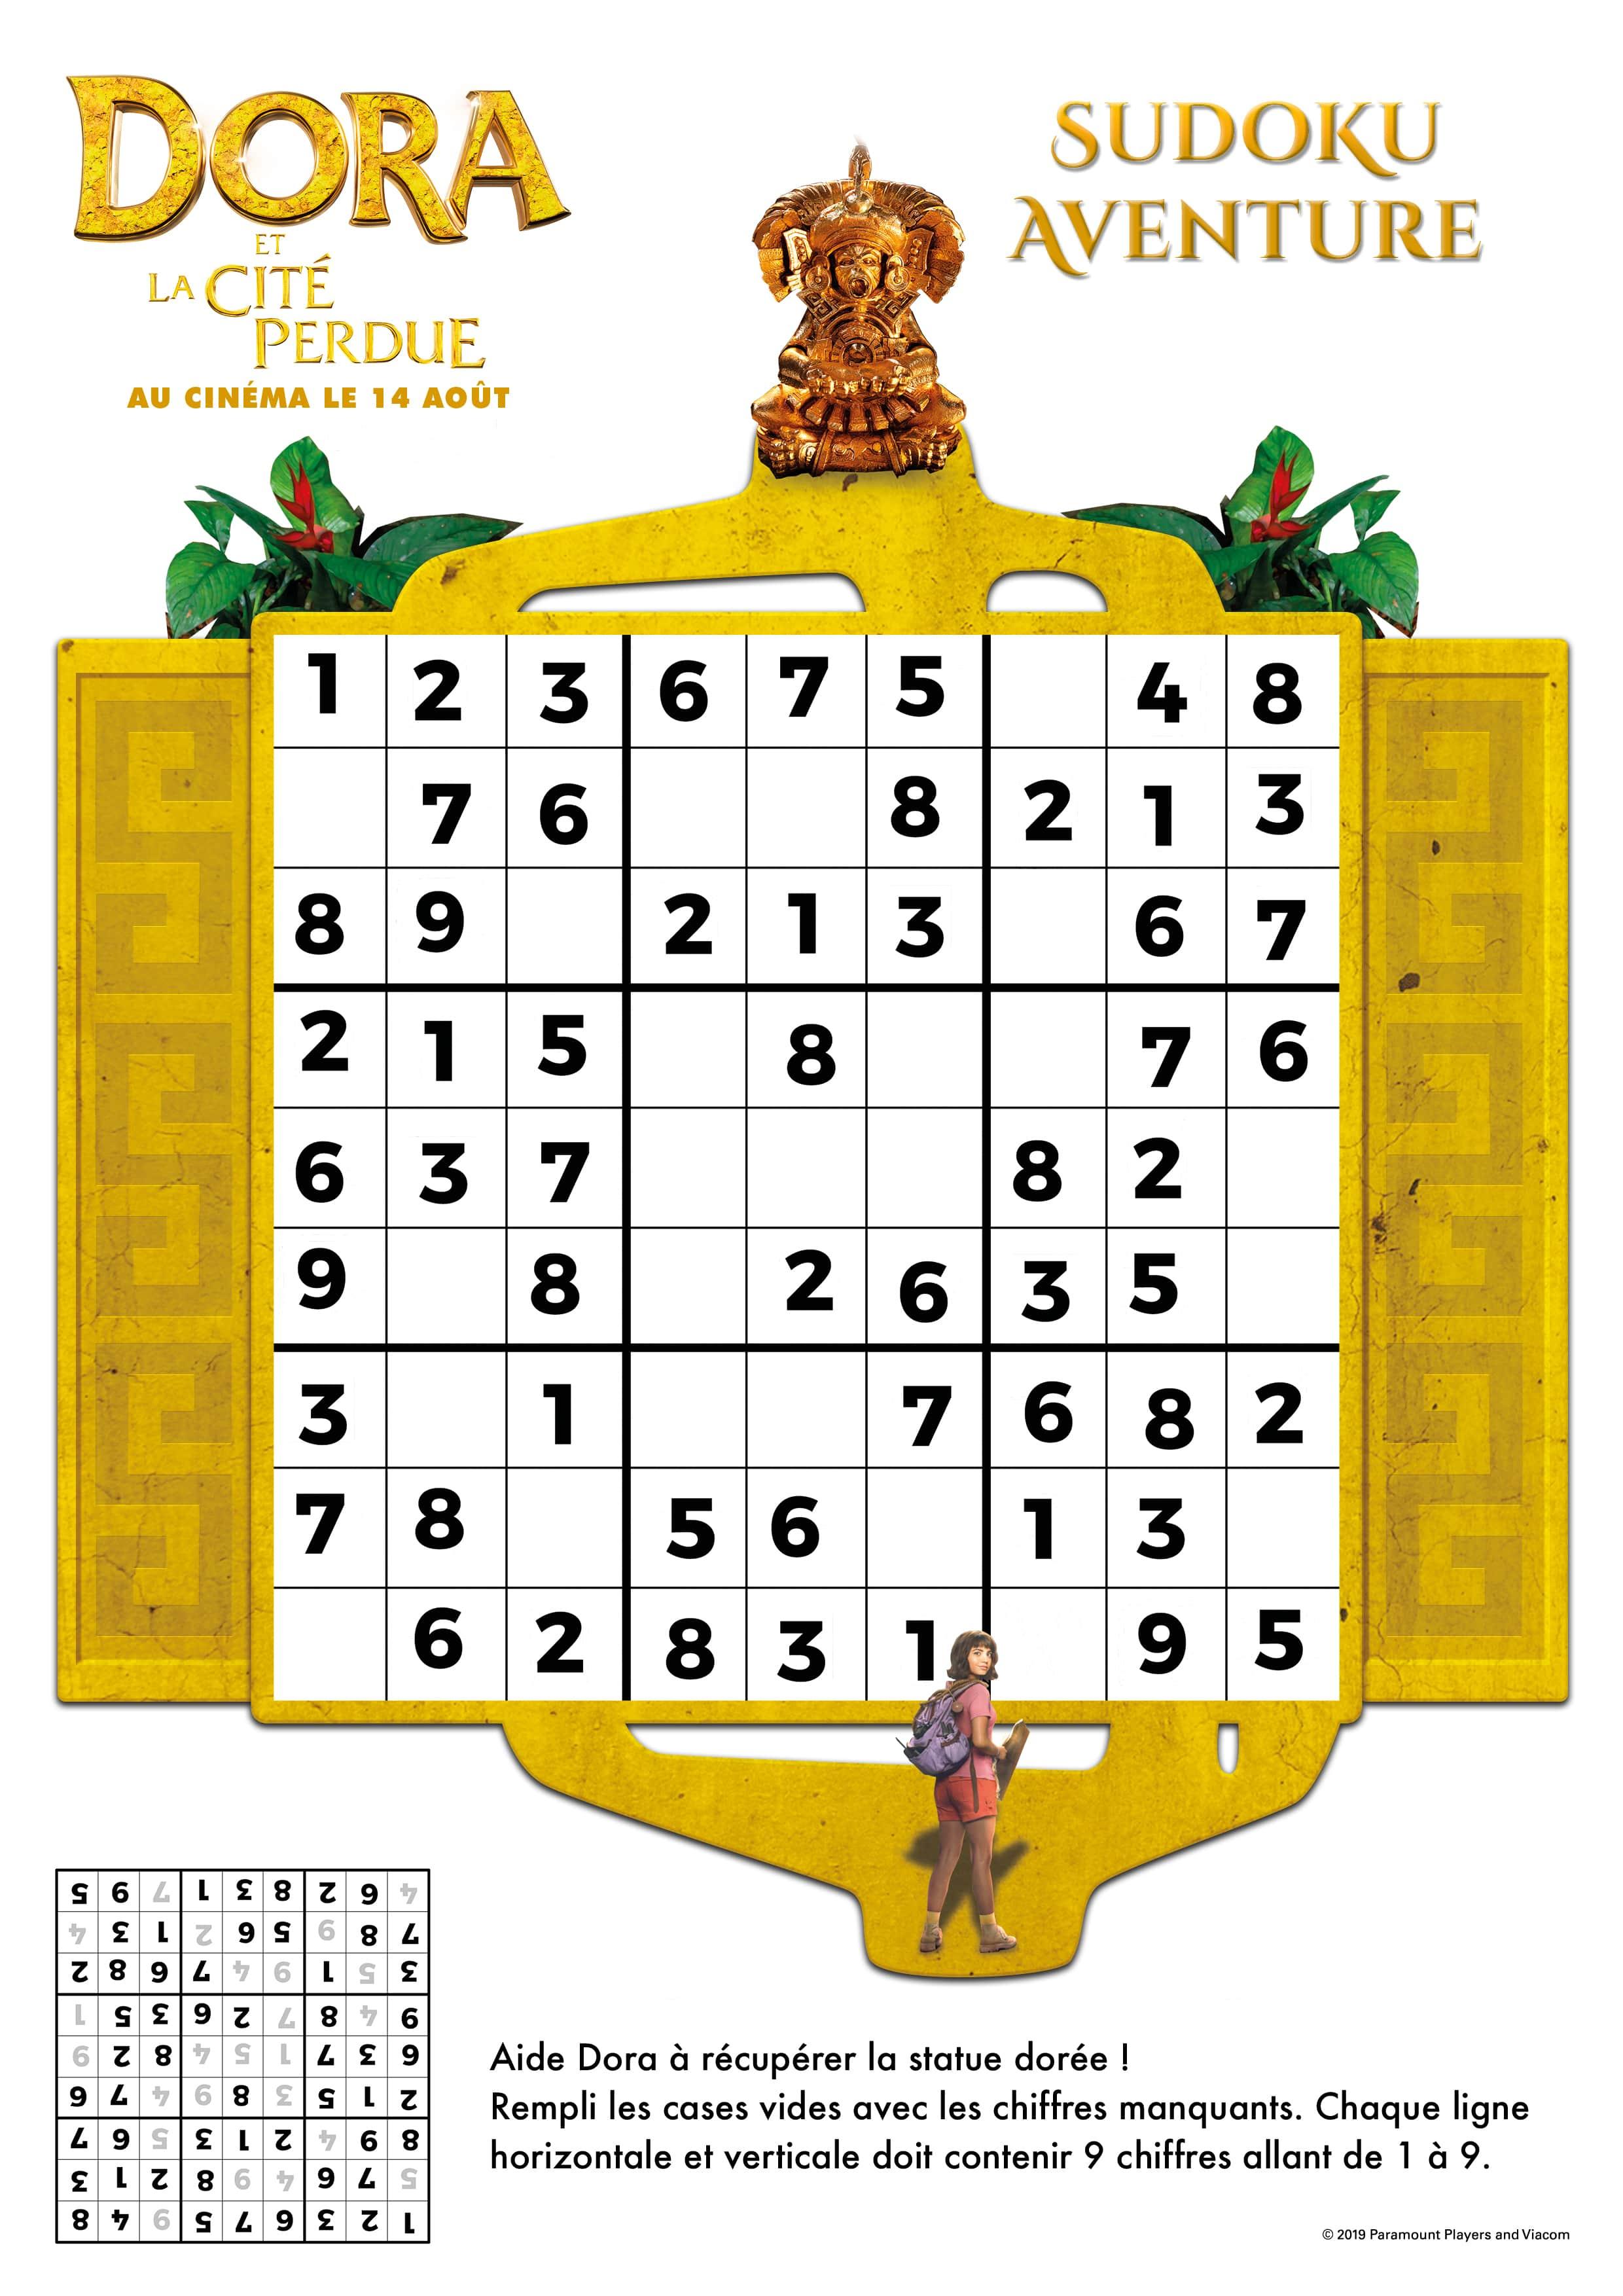 Code secret Dora et la cité perdue n°1